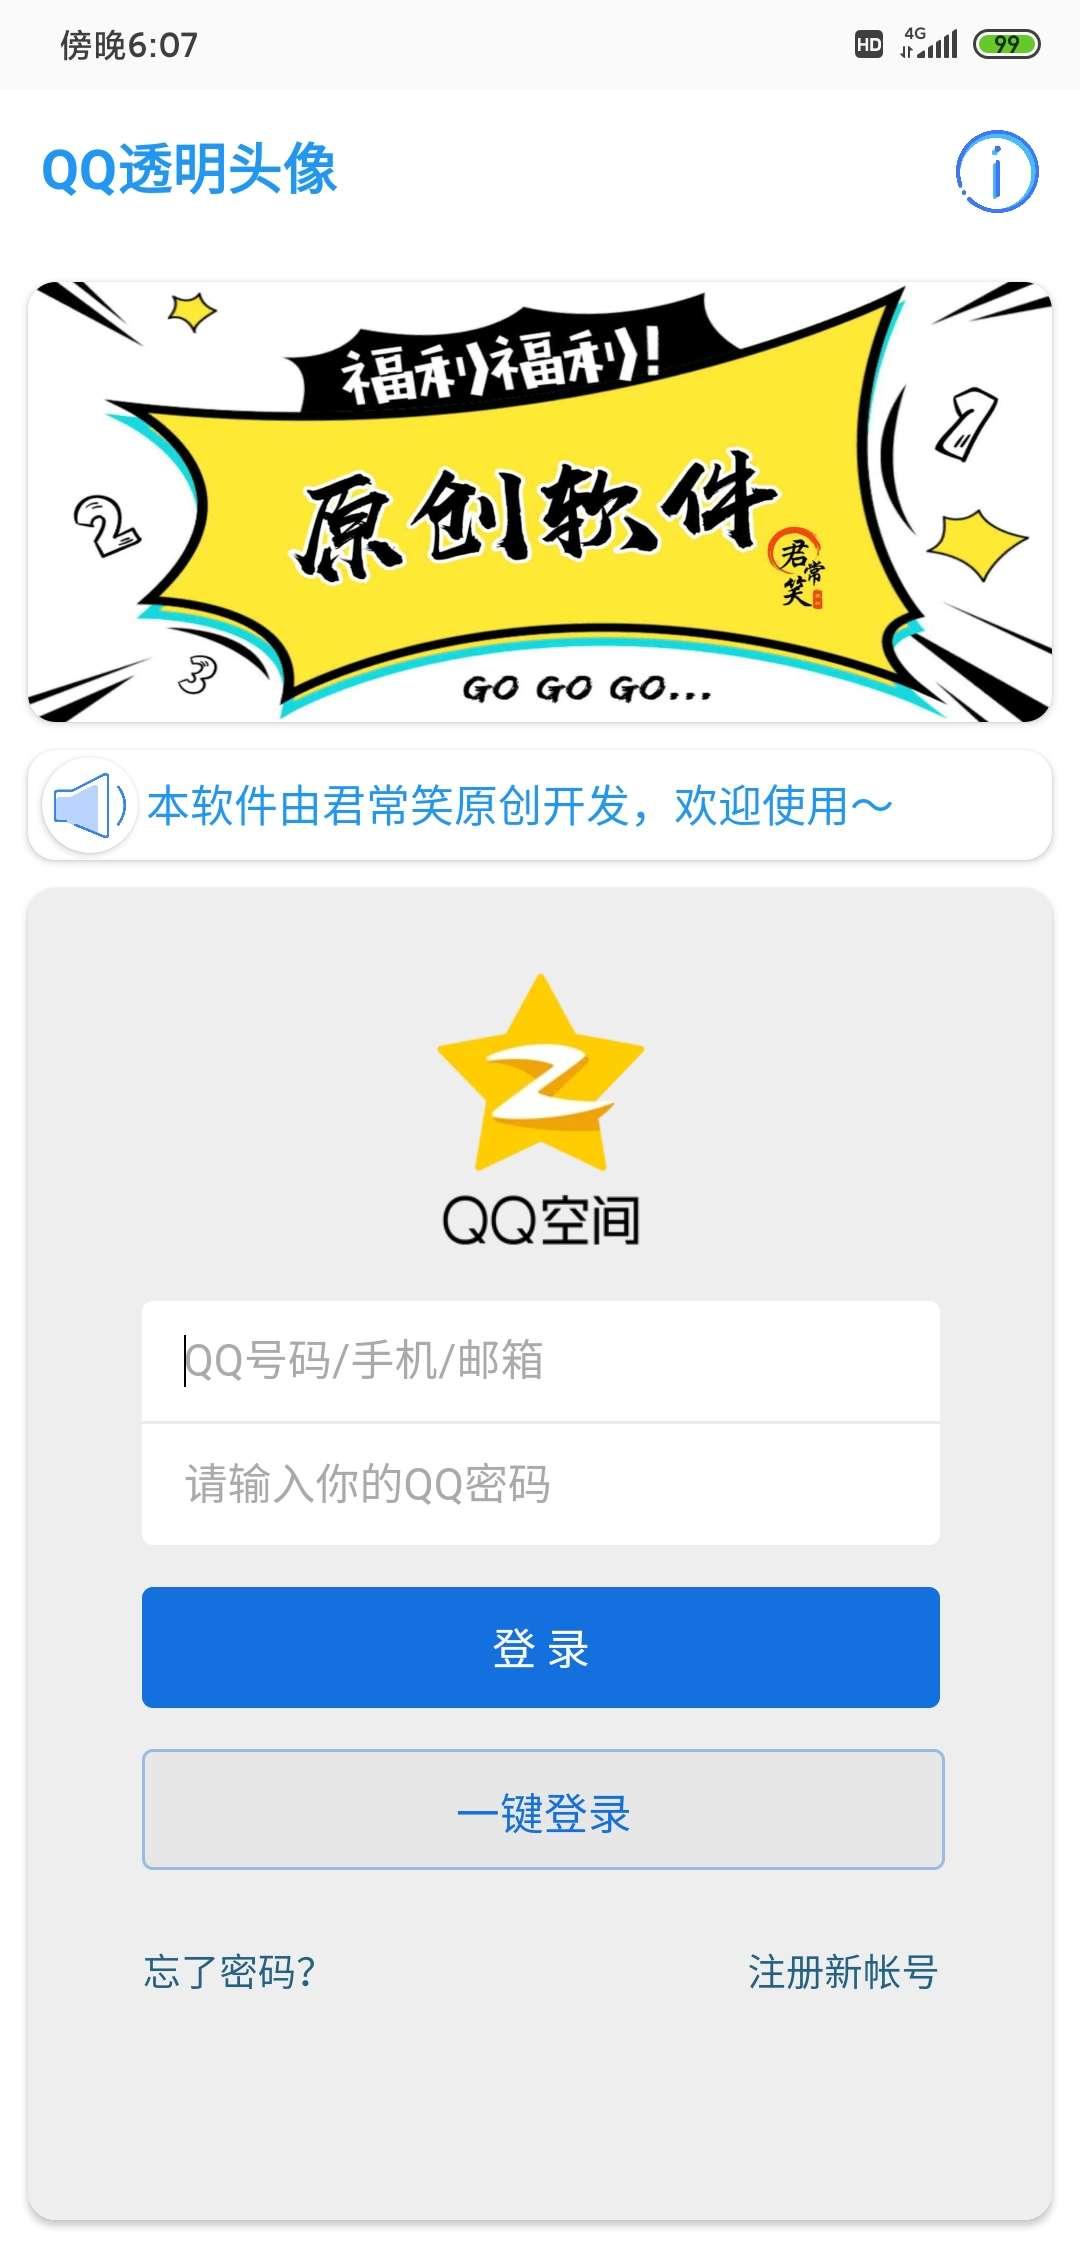 【原创开发】 QQ透明头像2.0新增自定义上传半透明头像功能…